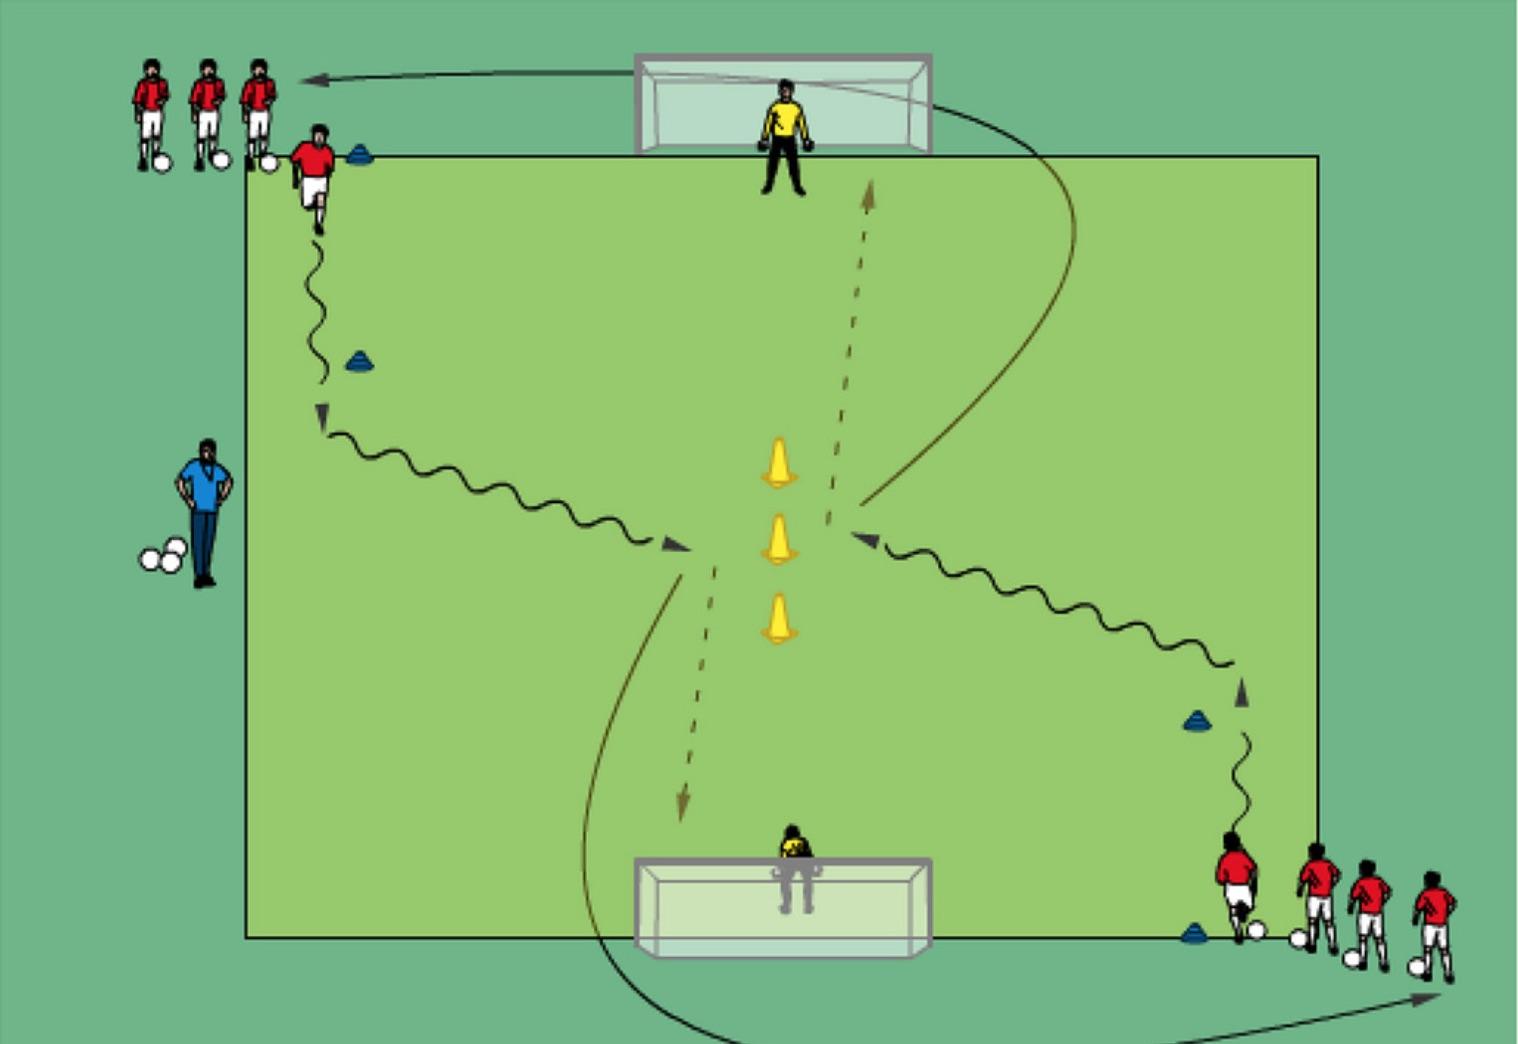 esercitazione calcio giovanissimi